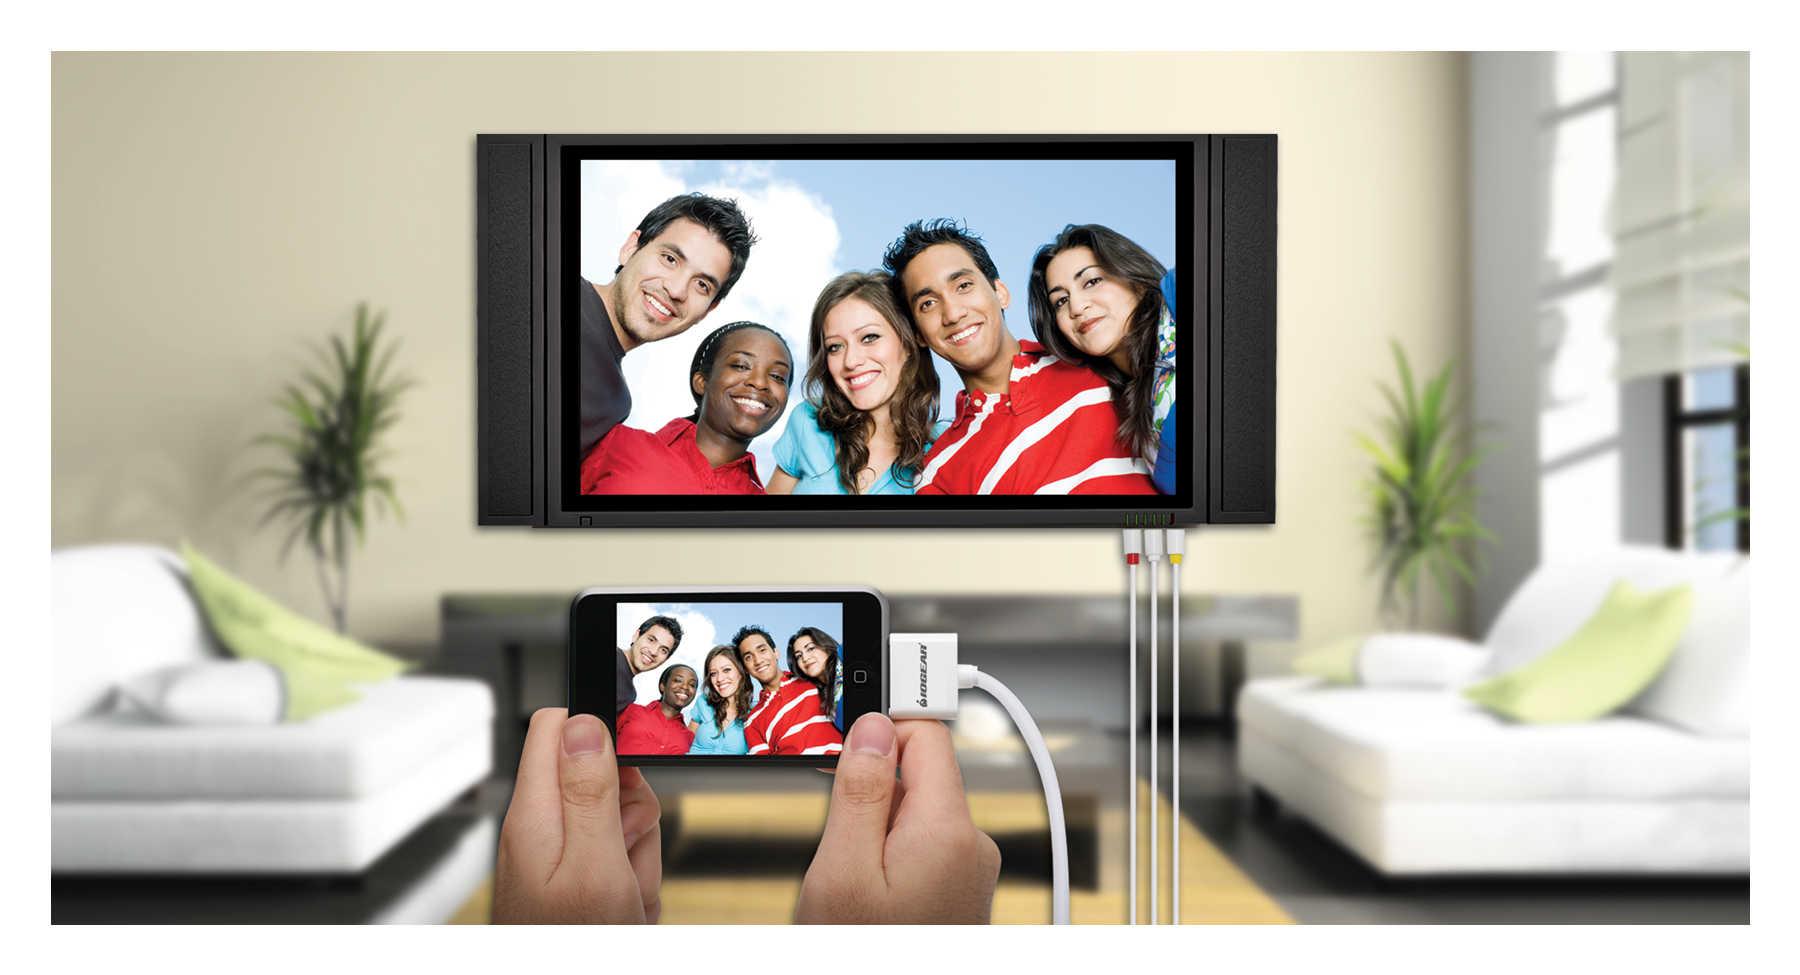 Телефон подключенный к телевизору с помощью кабеля HDMI